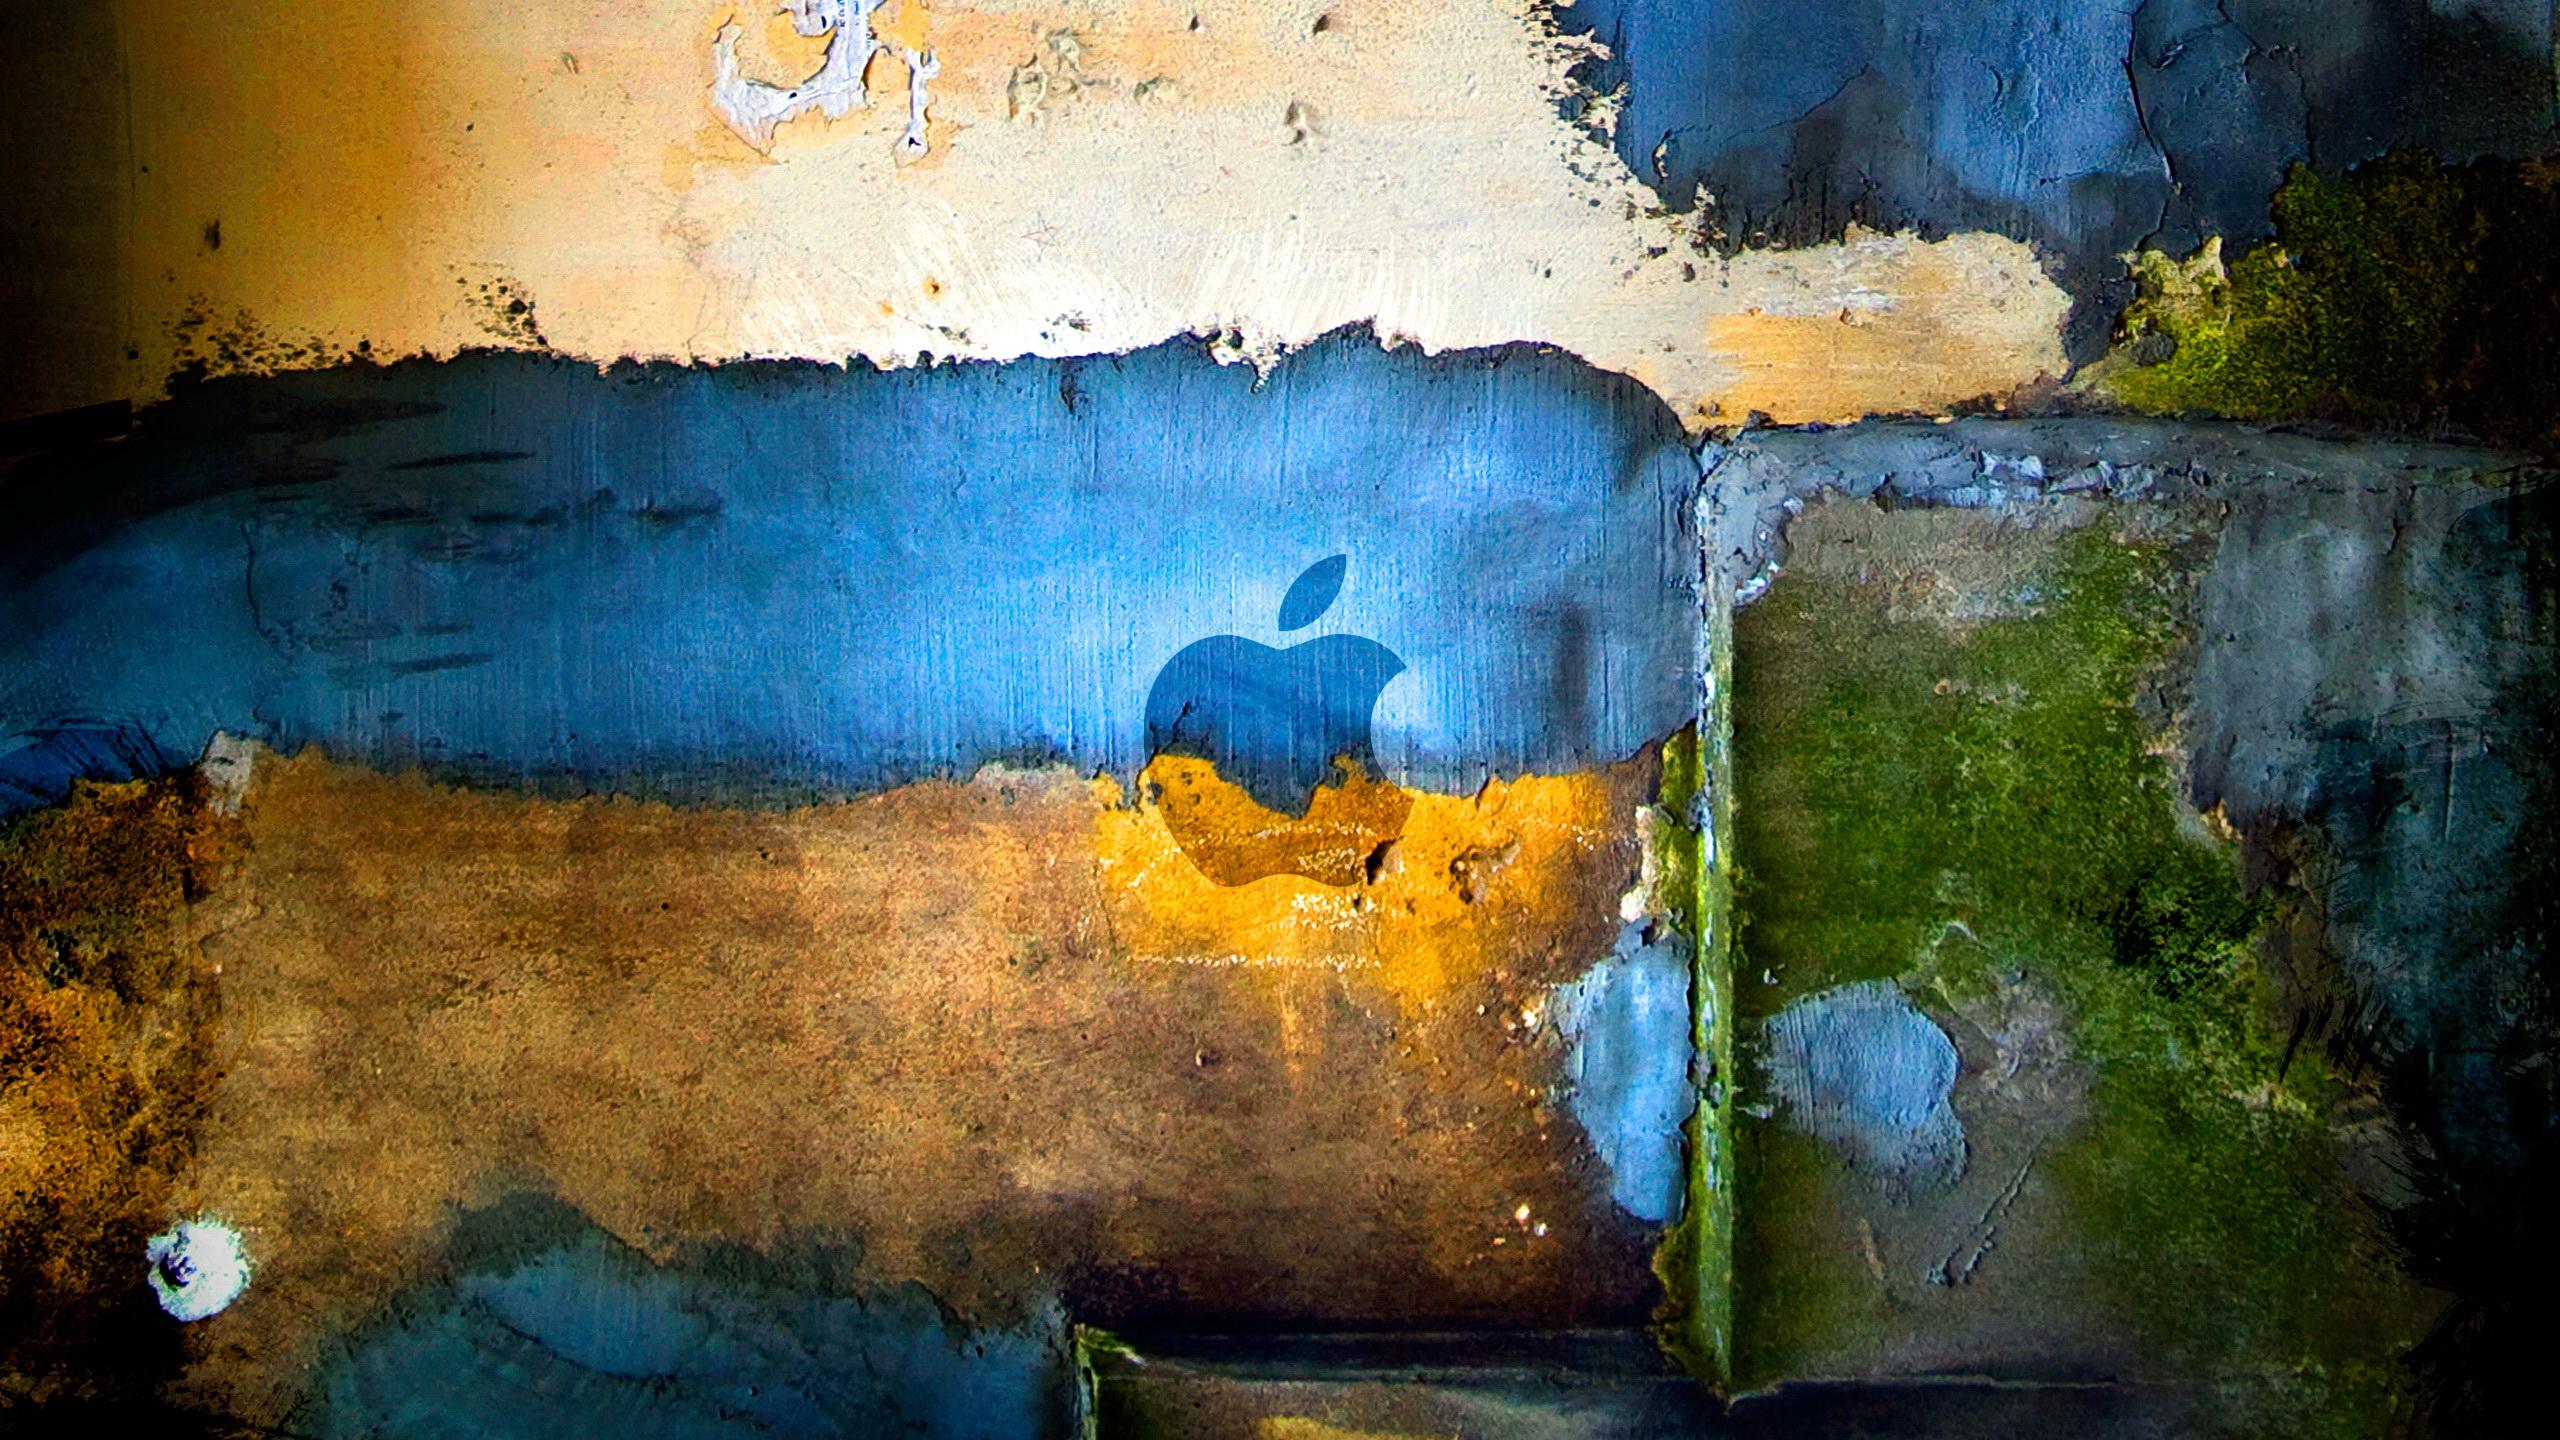 28号制作图_苹果 高清壁纸 | 桌面背景 | 2560x1440 | ID:520957 - Wallpaper Abyss